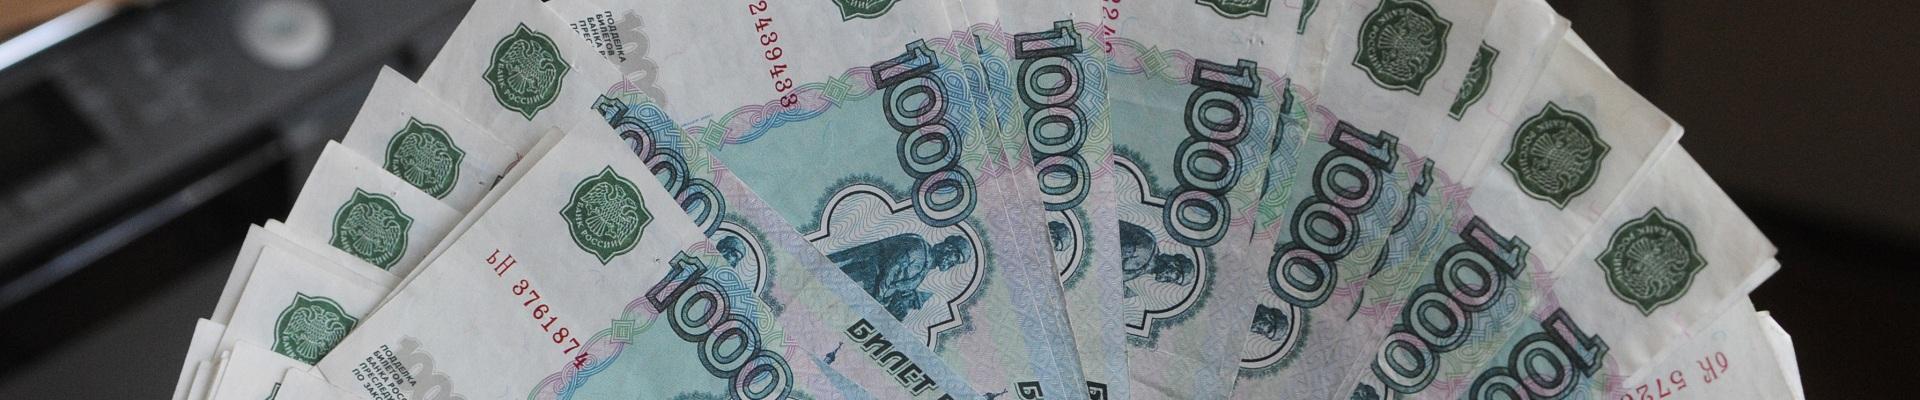 Министерство Финансов РФ сообщает об отказе дофинансировать программу льготных кредитов для малого бизнеса